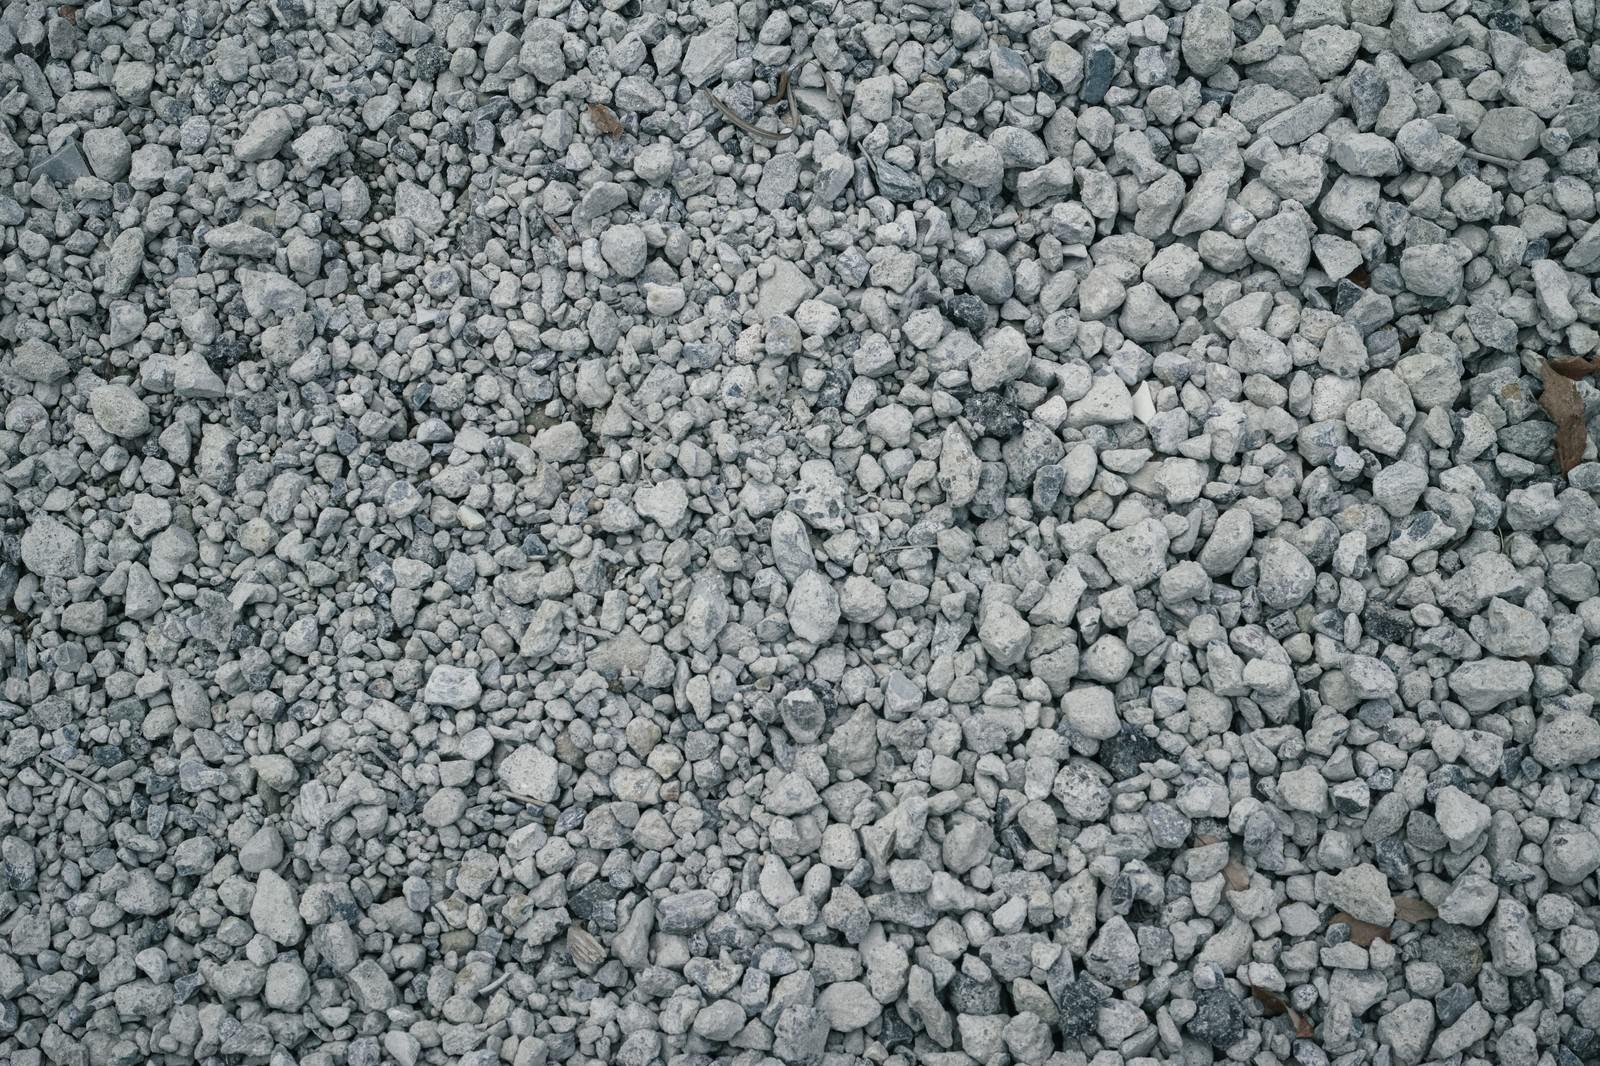 「びっしり敷き詰められたいびつな小石のテクスチャ」の写真